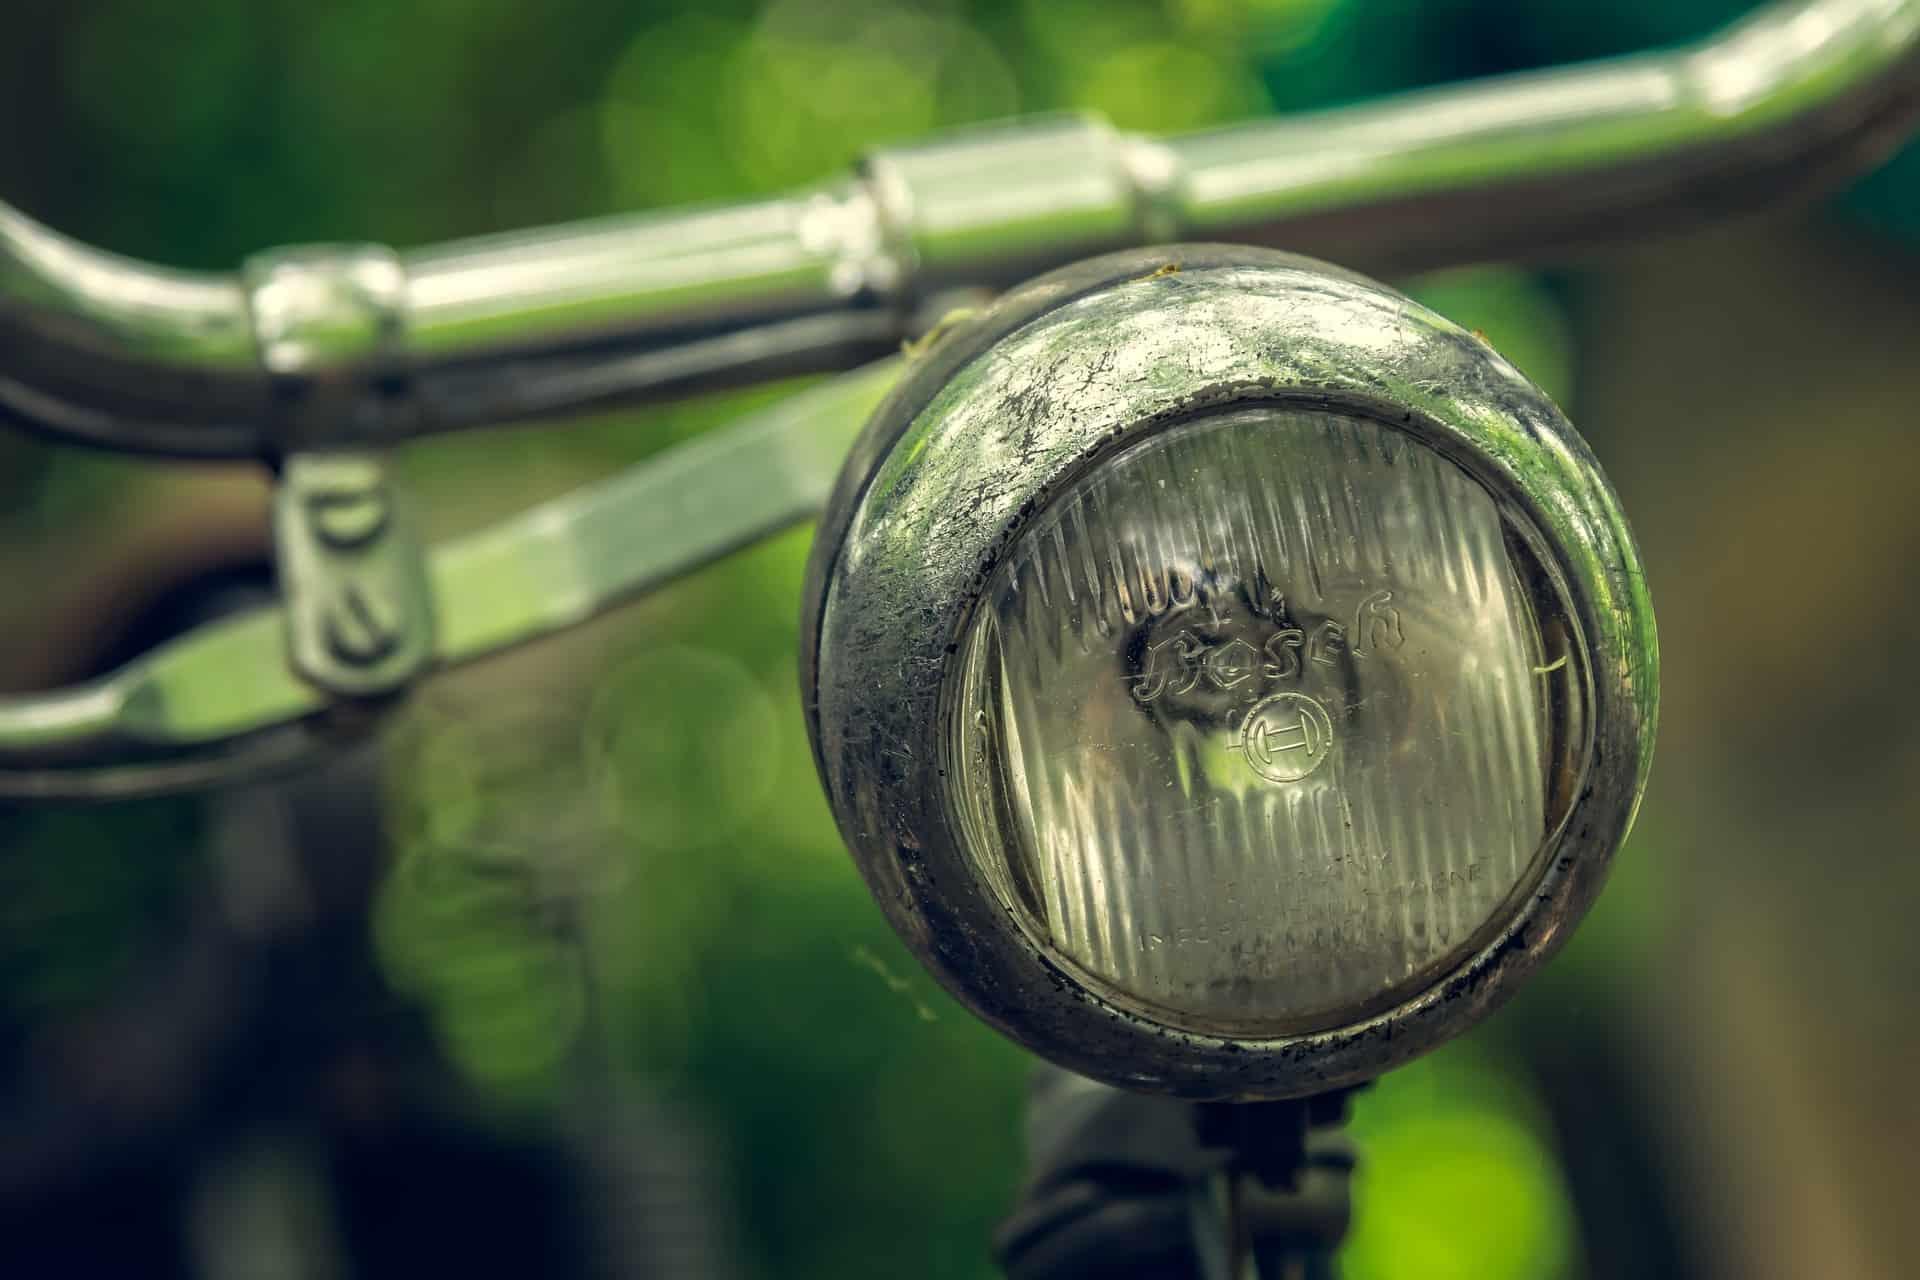 Fahrradlicht: Test & Empfehlungen (05/21)